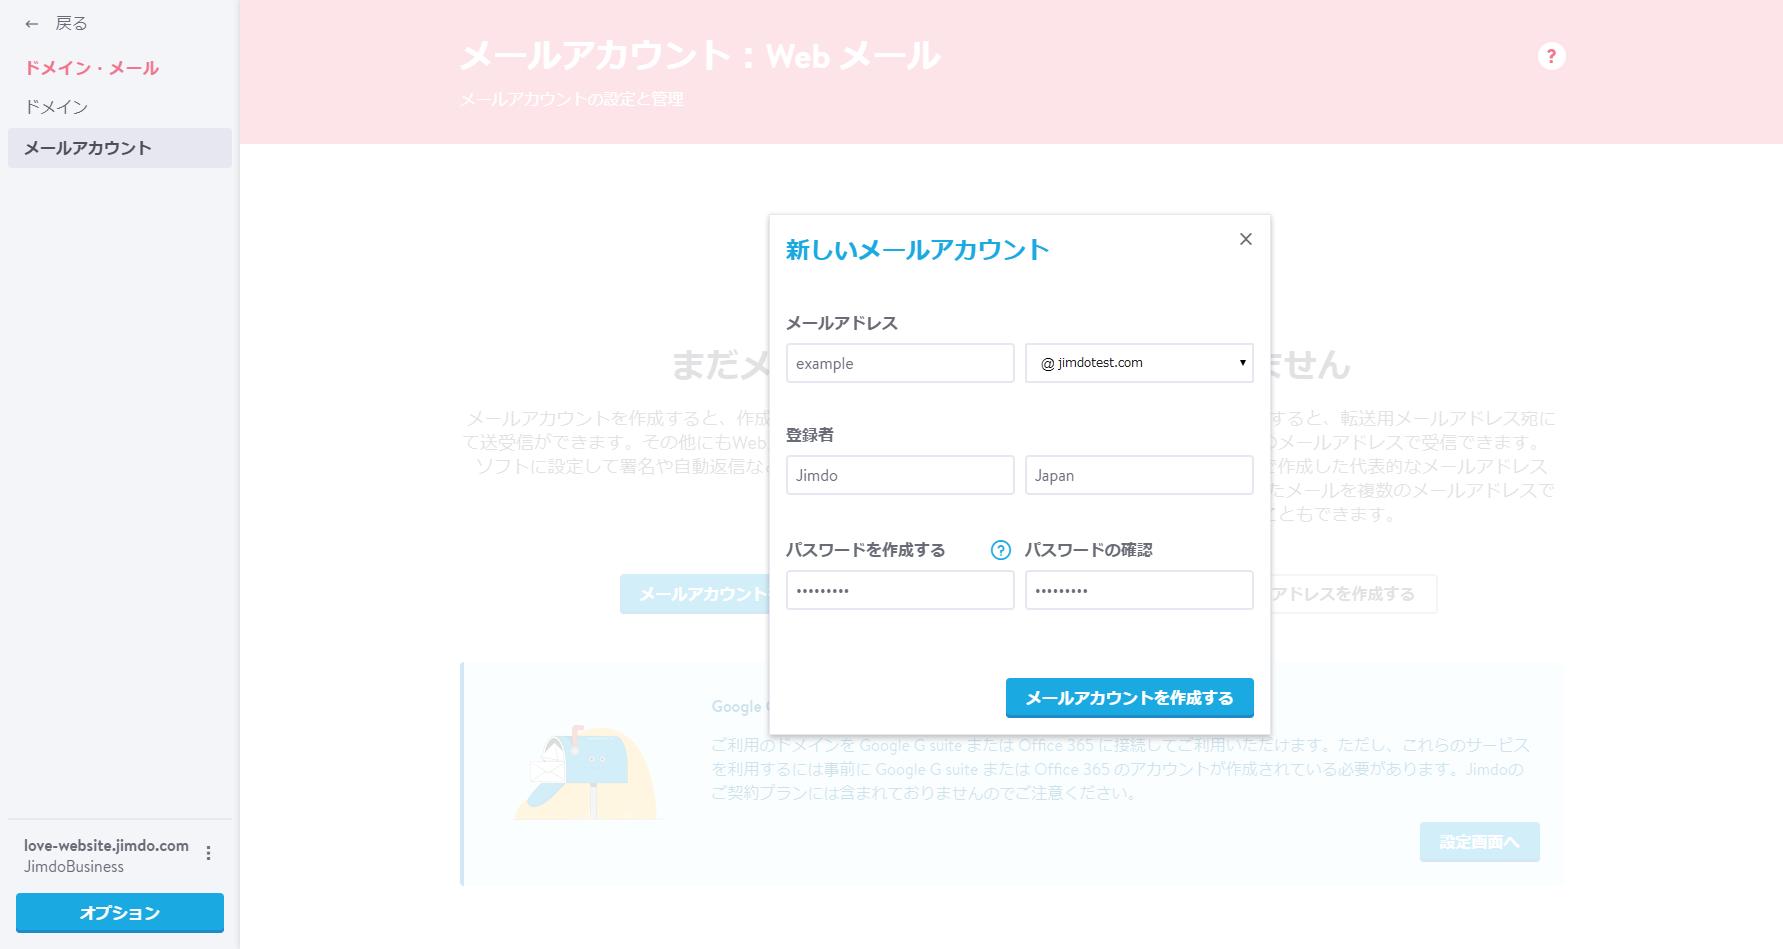 3.メールアカウント名と姓名、パスワードを決定して「メールアカウントを作成する」をクリック